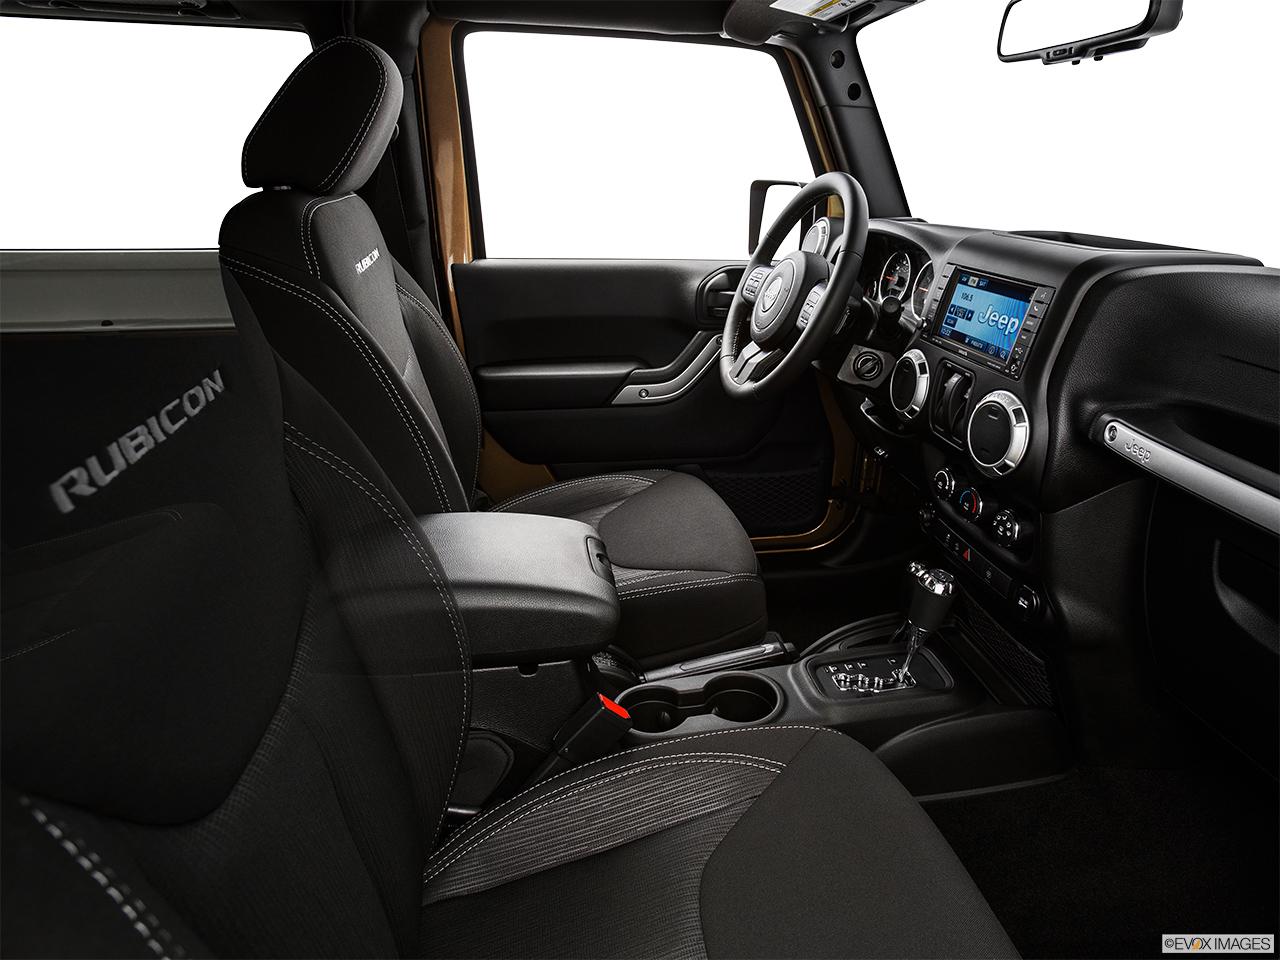 jeep wrangler 2015 2 door. 2015 jeep wrangler 4wd 2 door rubicon hard rock fake buck shot interior from